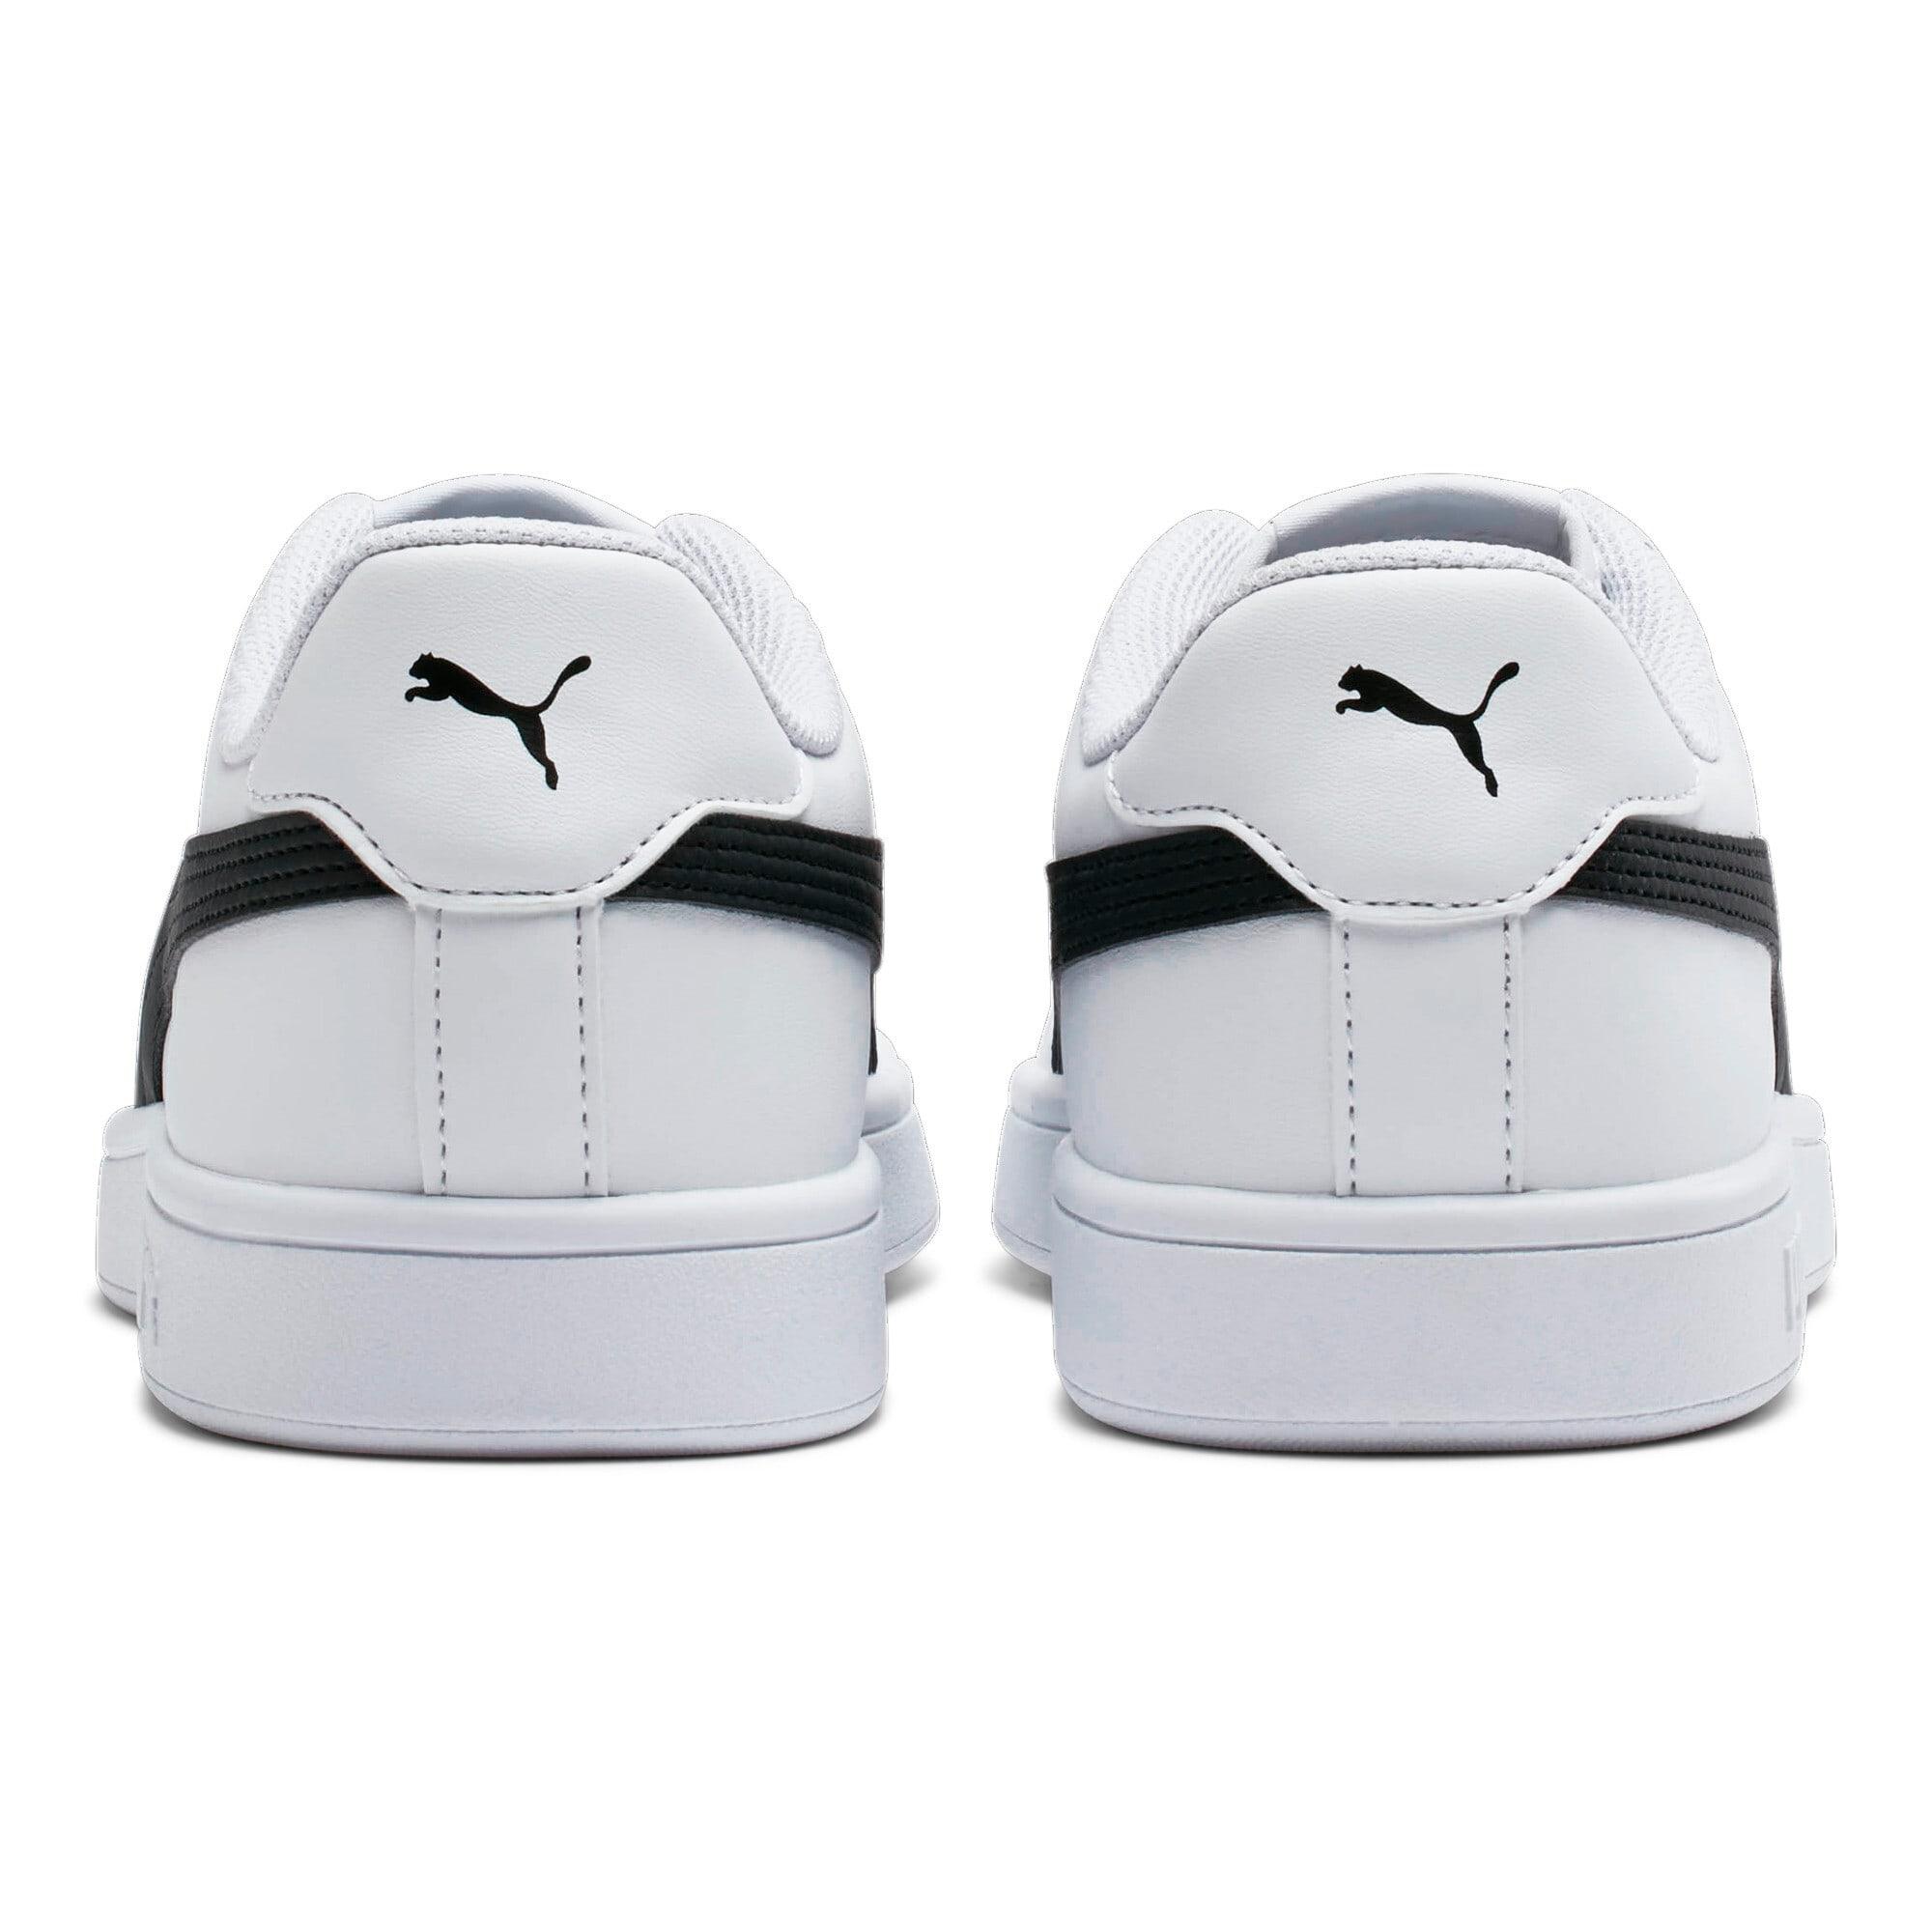 Thumbnail 3 of PUMA Smash v2 Sneakers, Puma White-Puma Black, medium